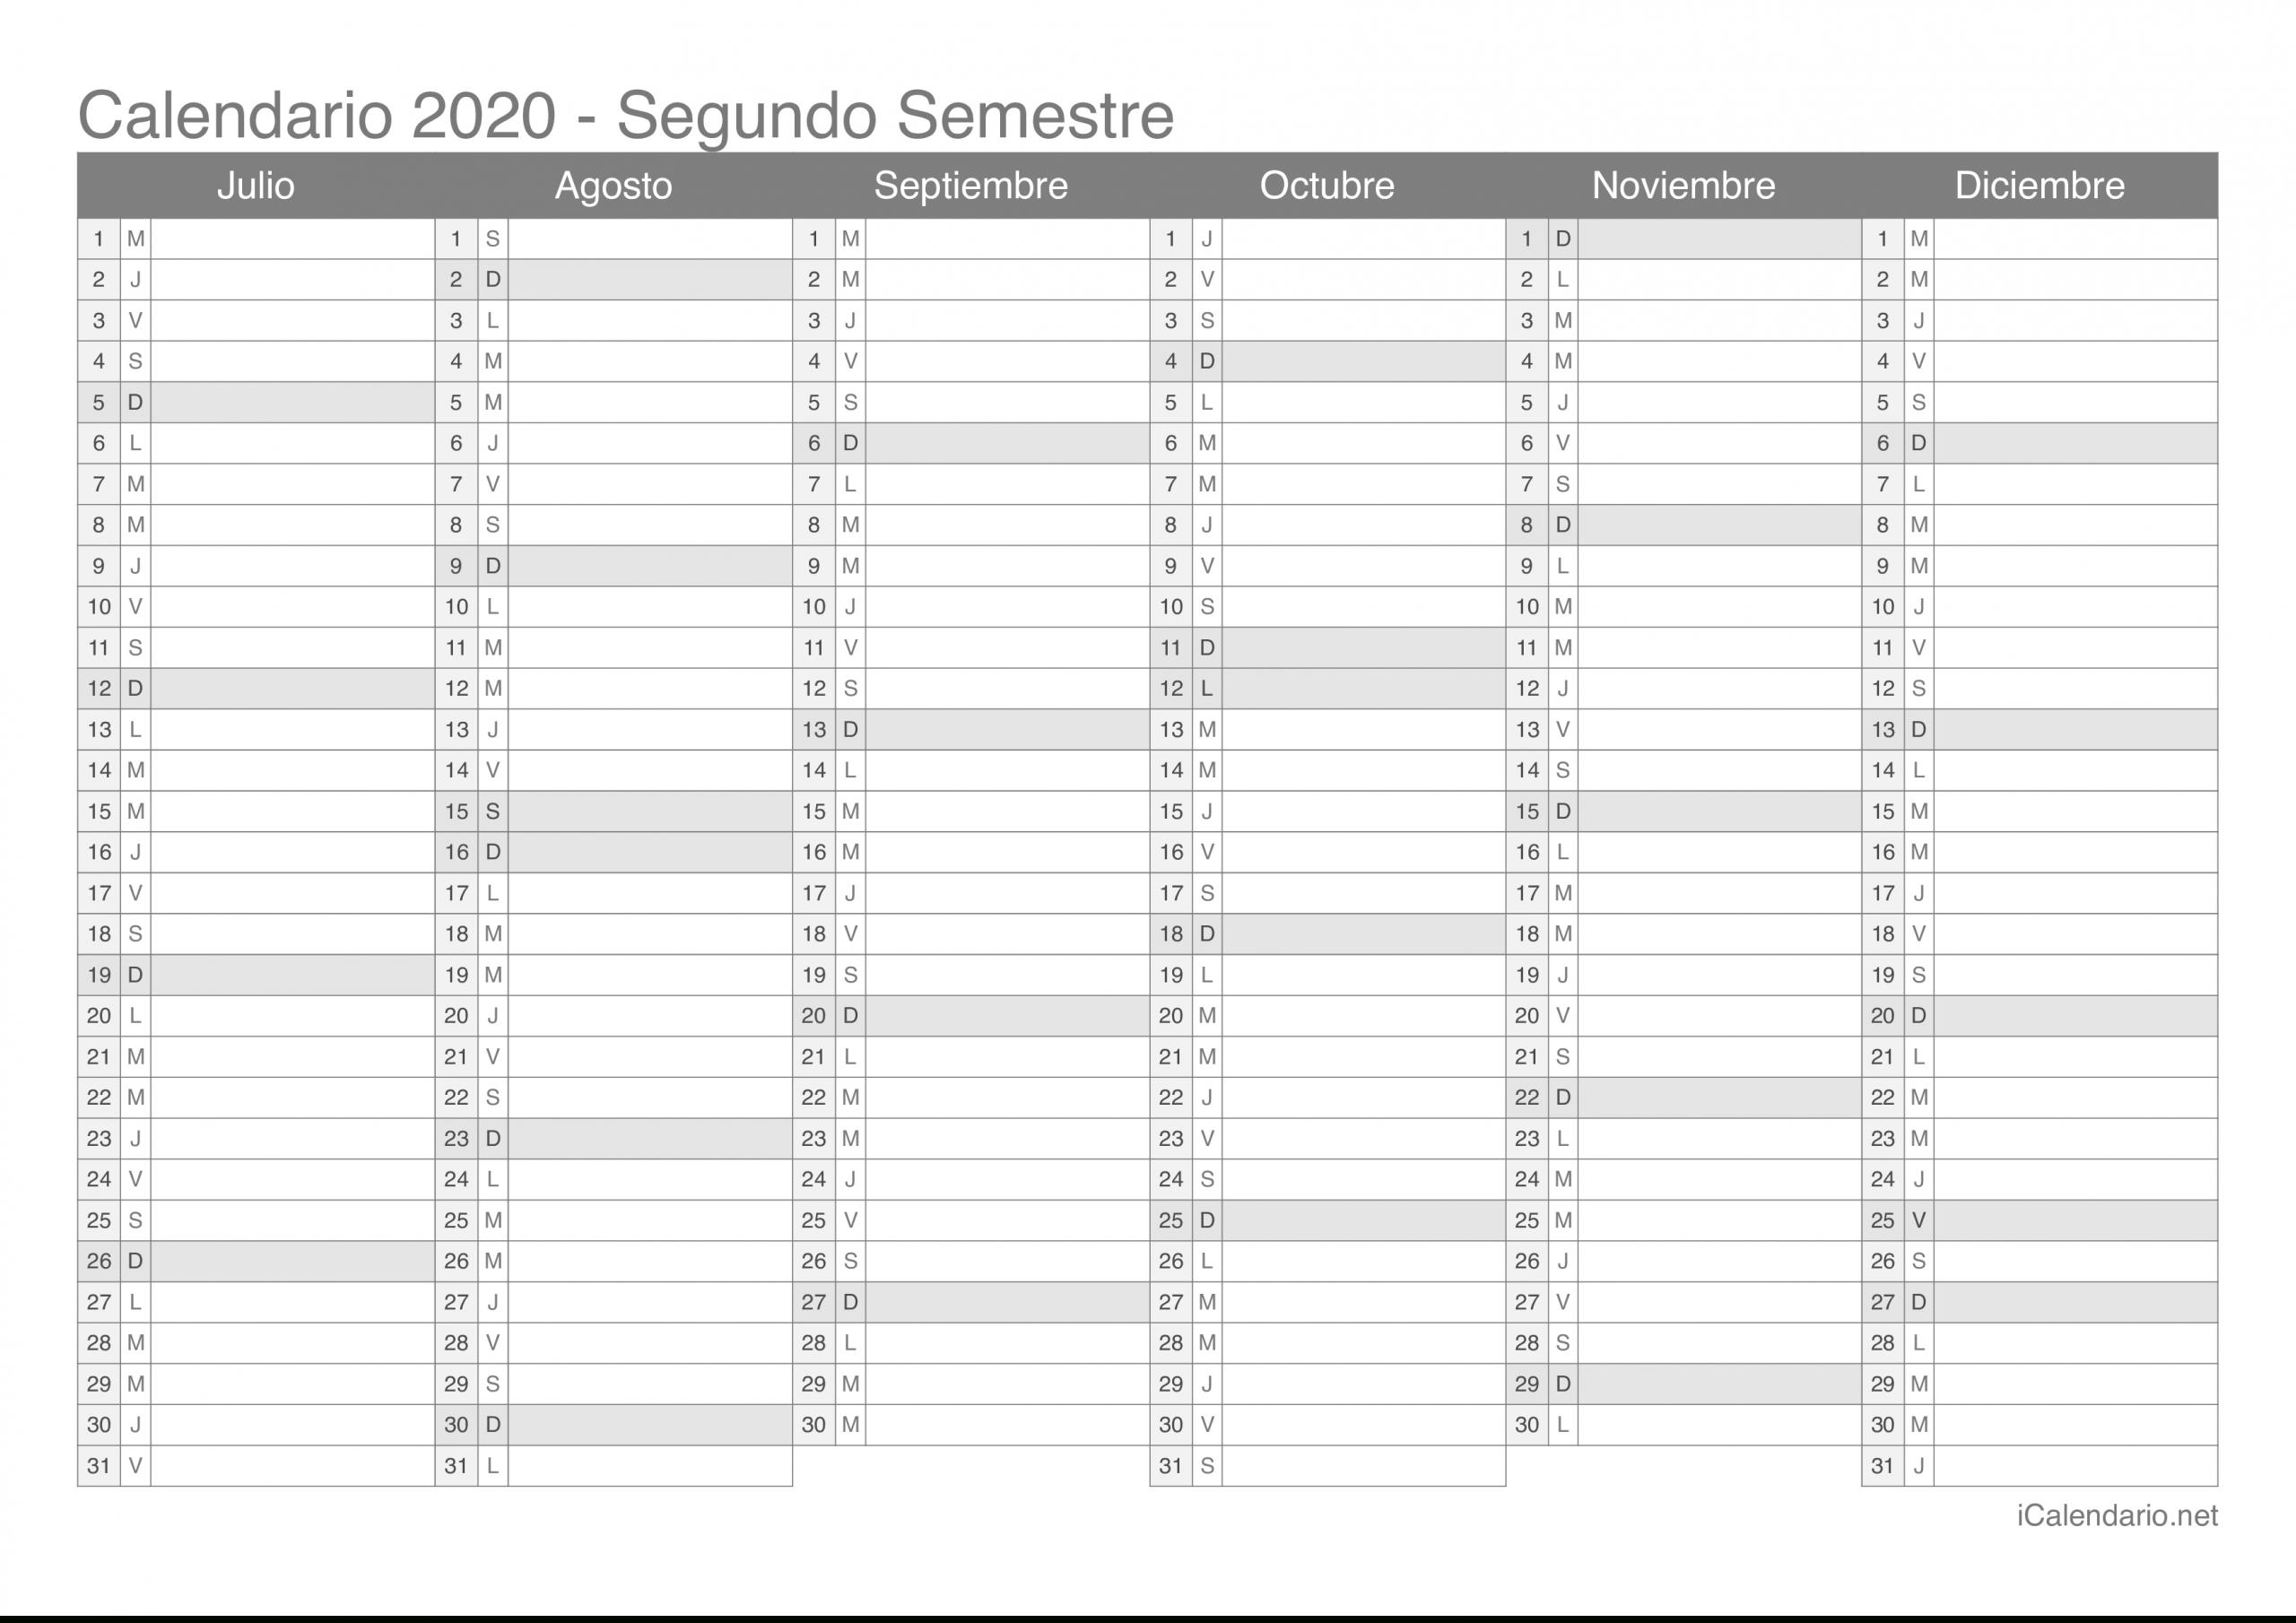 Calendario 2020 Para Imprimir - Icalendario